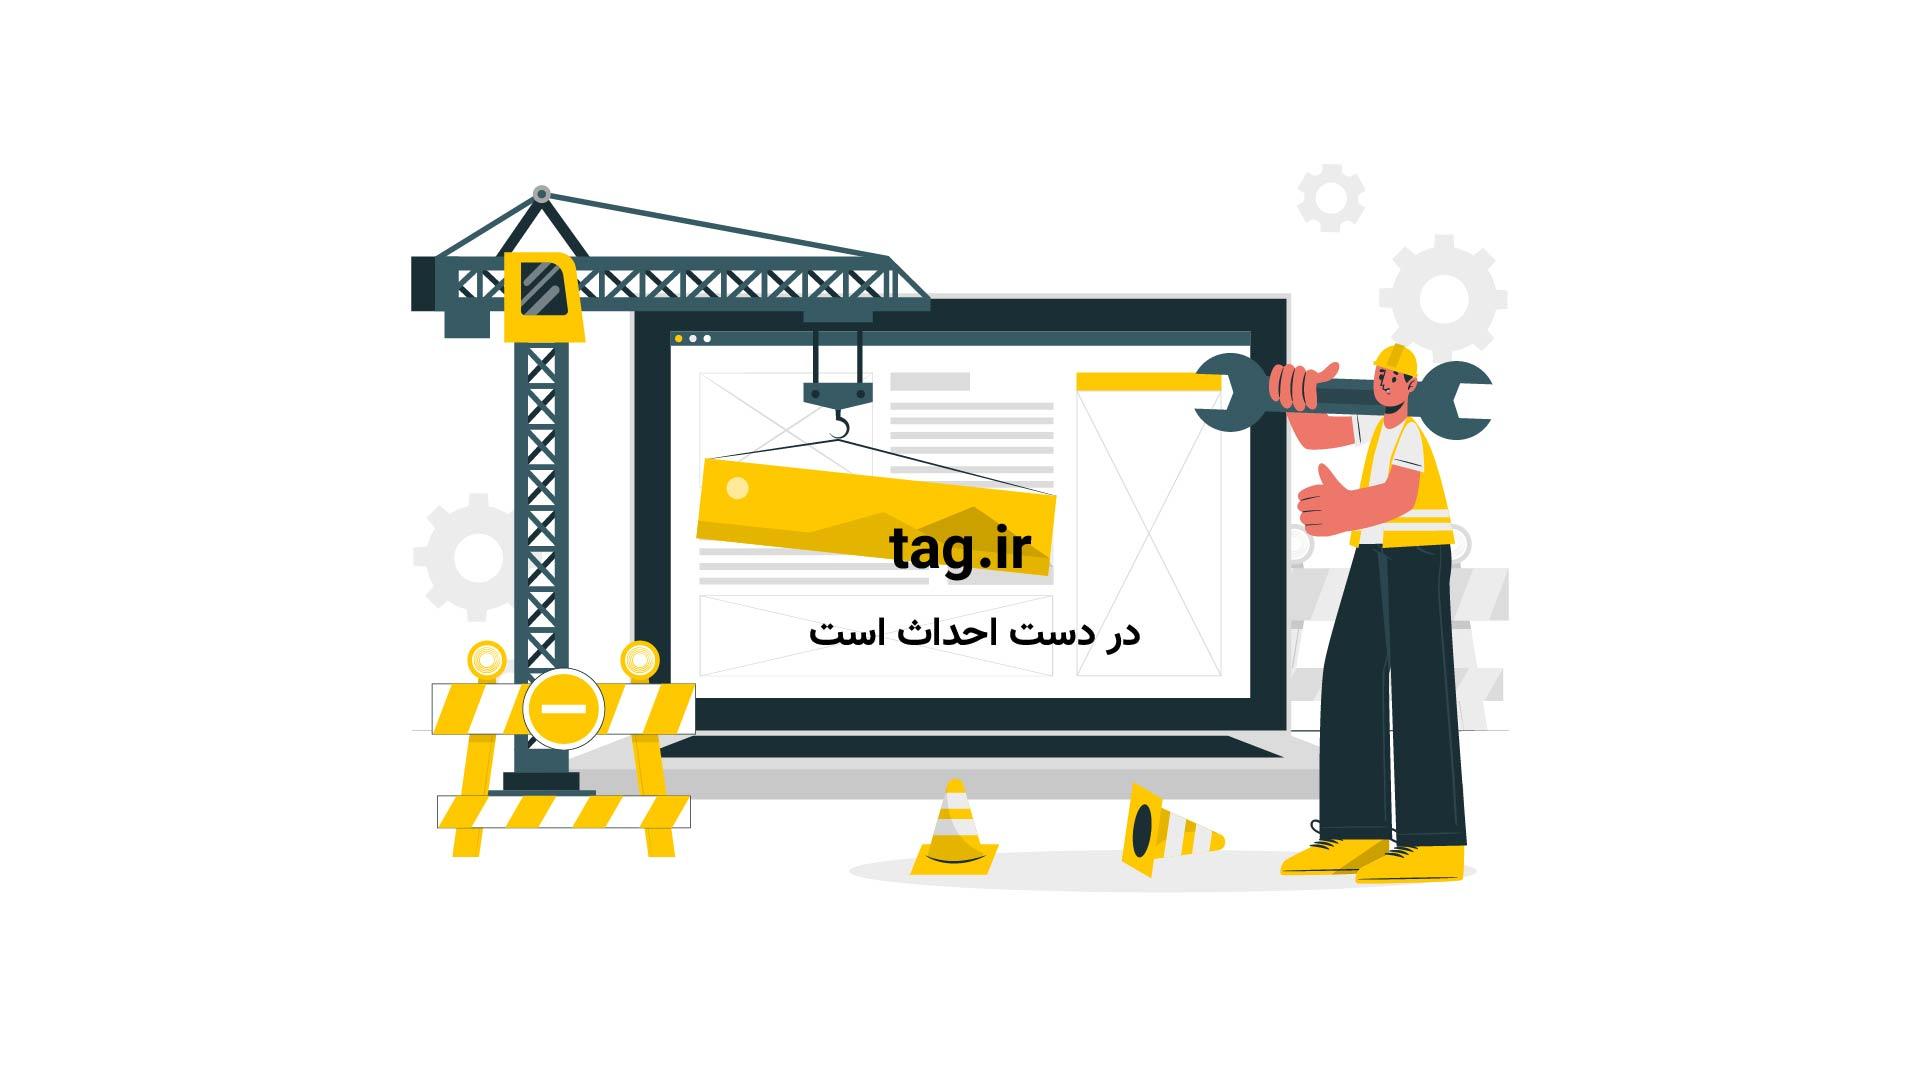 اسلایم کریستالی میوه ای | تگ